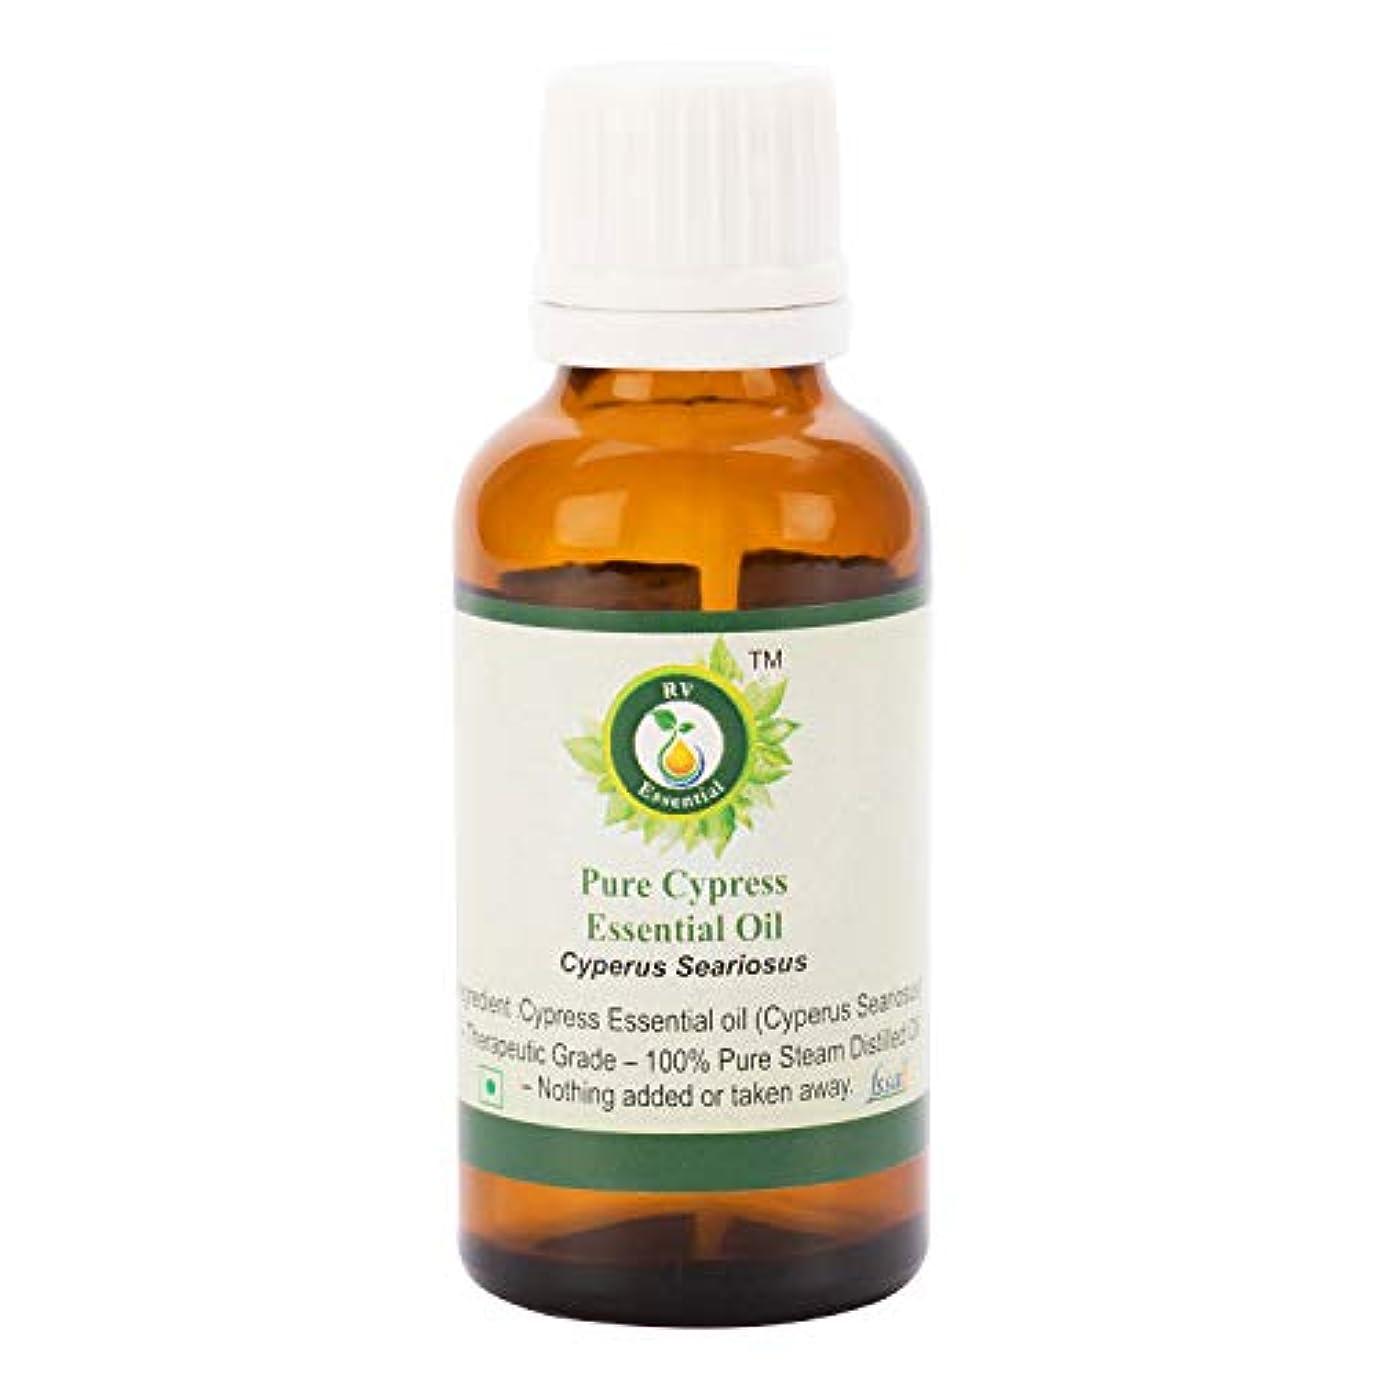 義務的現実にはハンディピュアサイプレスエッセンシャルオイル100ml (3.38oz)- Cyperus Seariosus (100%純粋&天然スチームDistilled) Pure Cypress Essential Oil